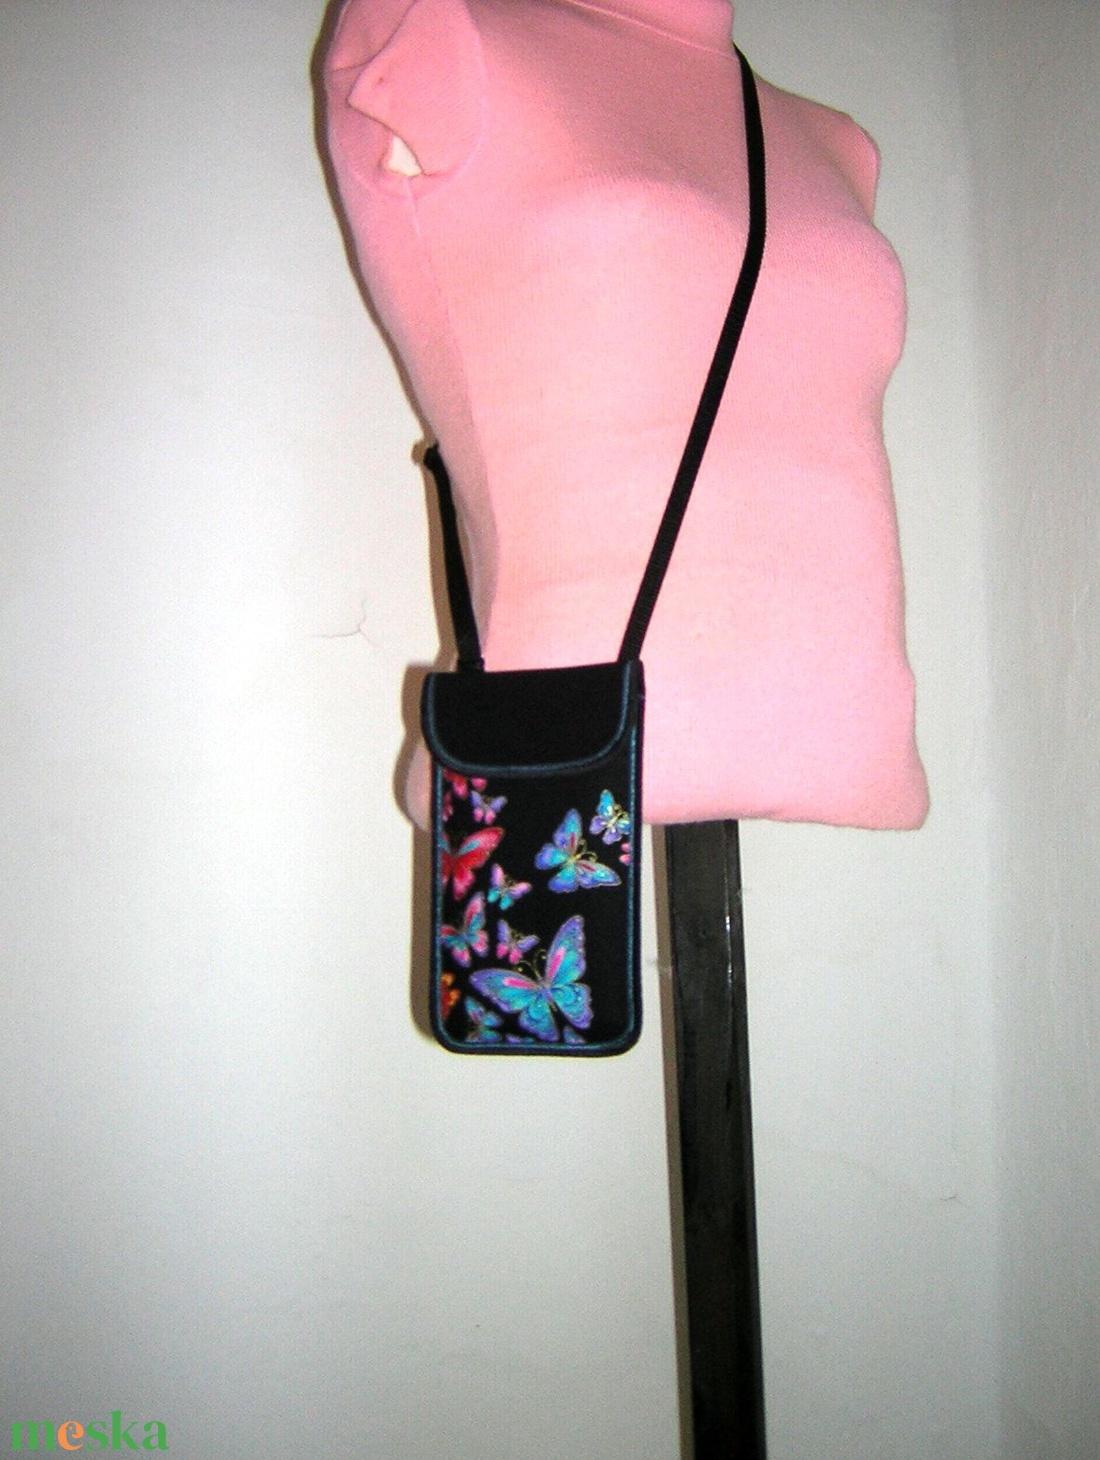 Állíthatópántos telefontok  XL mobiltartó nyakba akasztható 2in1 kistáska pillangós lepkés - táska & tok - pénztárca & más tok - telefontok - Meska.hu